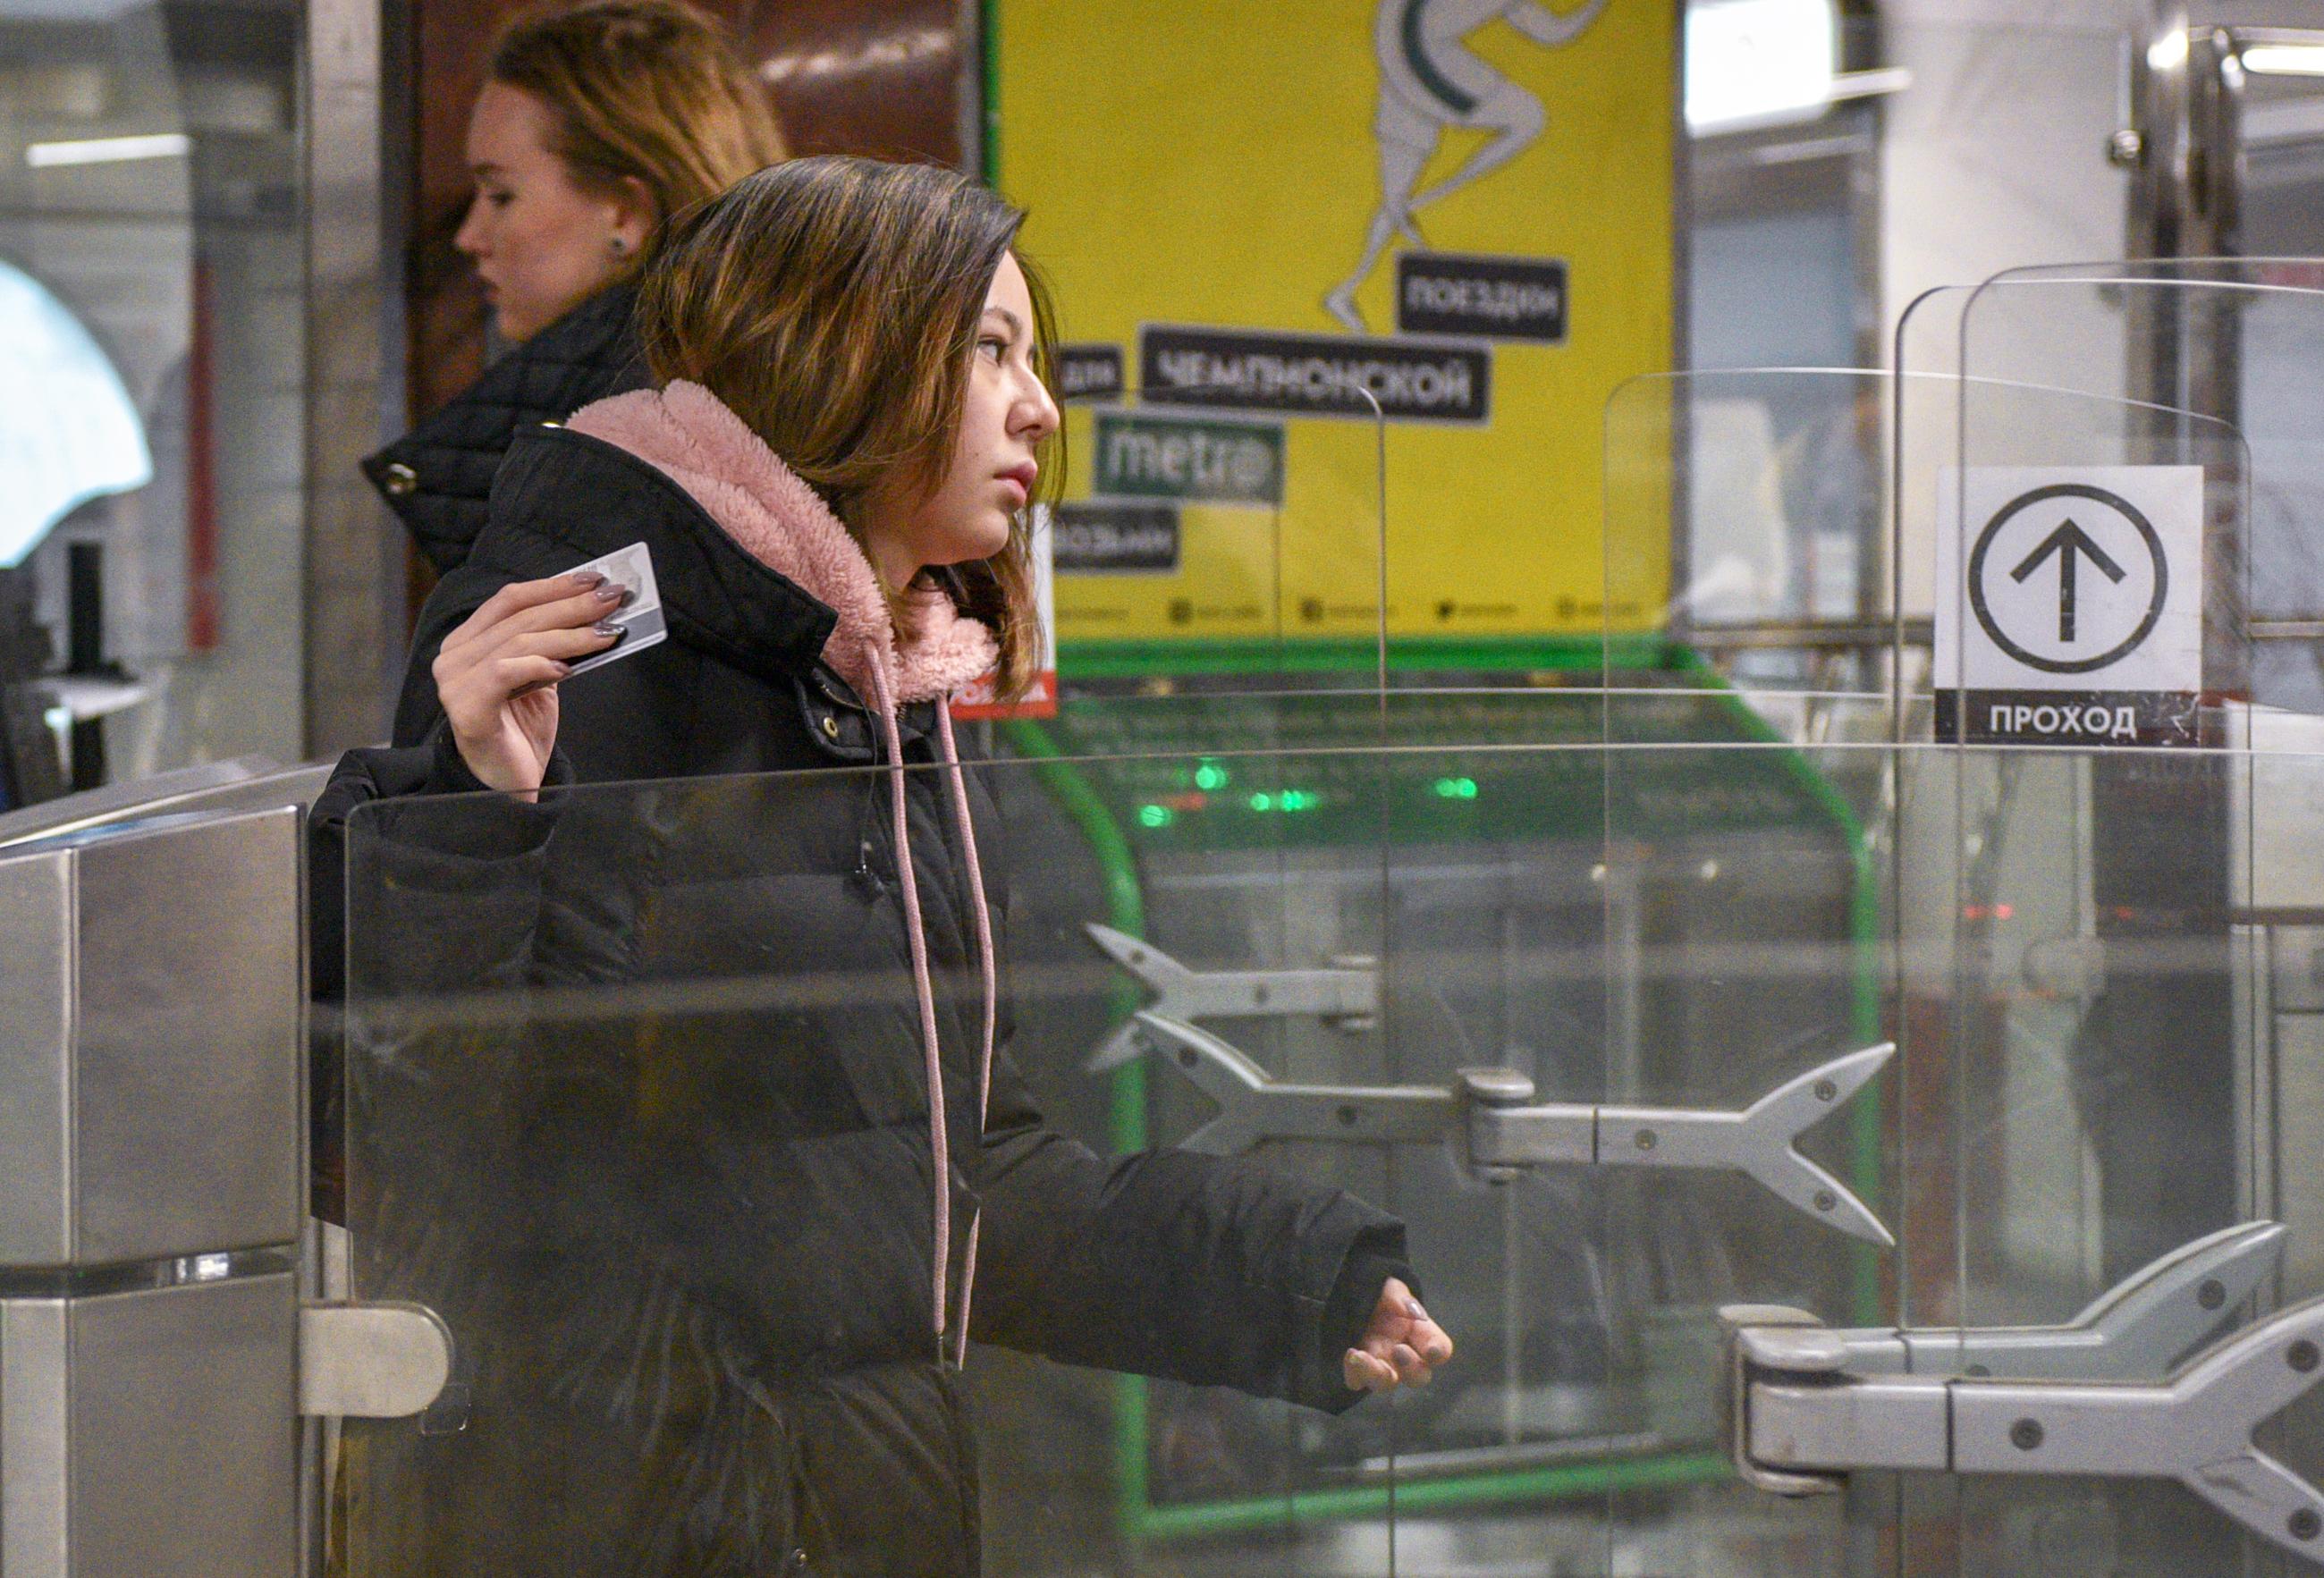 Стоимость проезда снизили на двух линиях московского метро